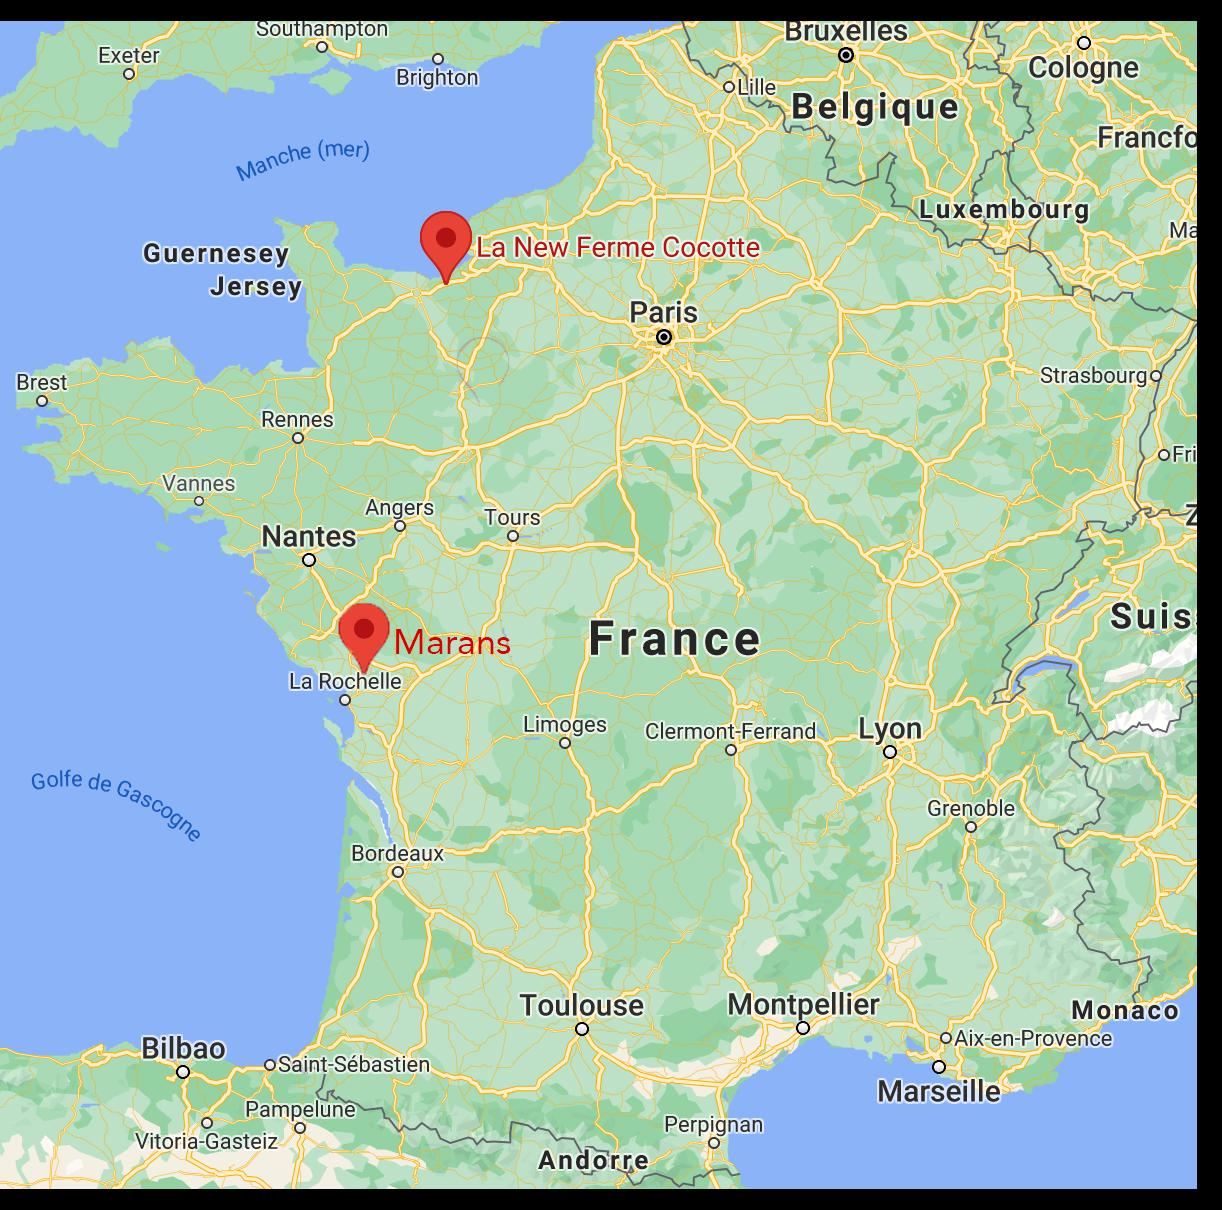 Map marans